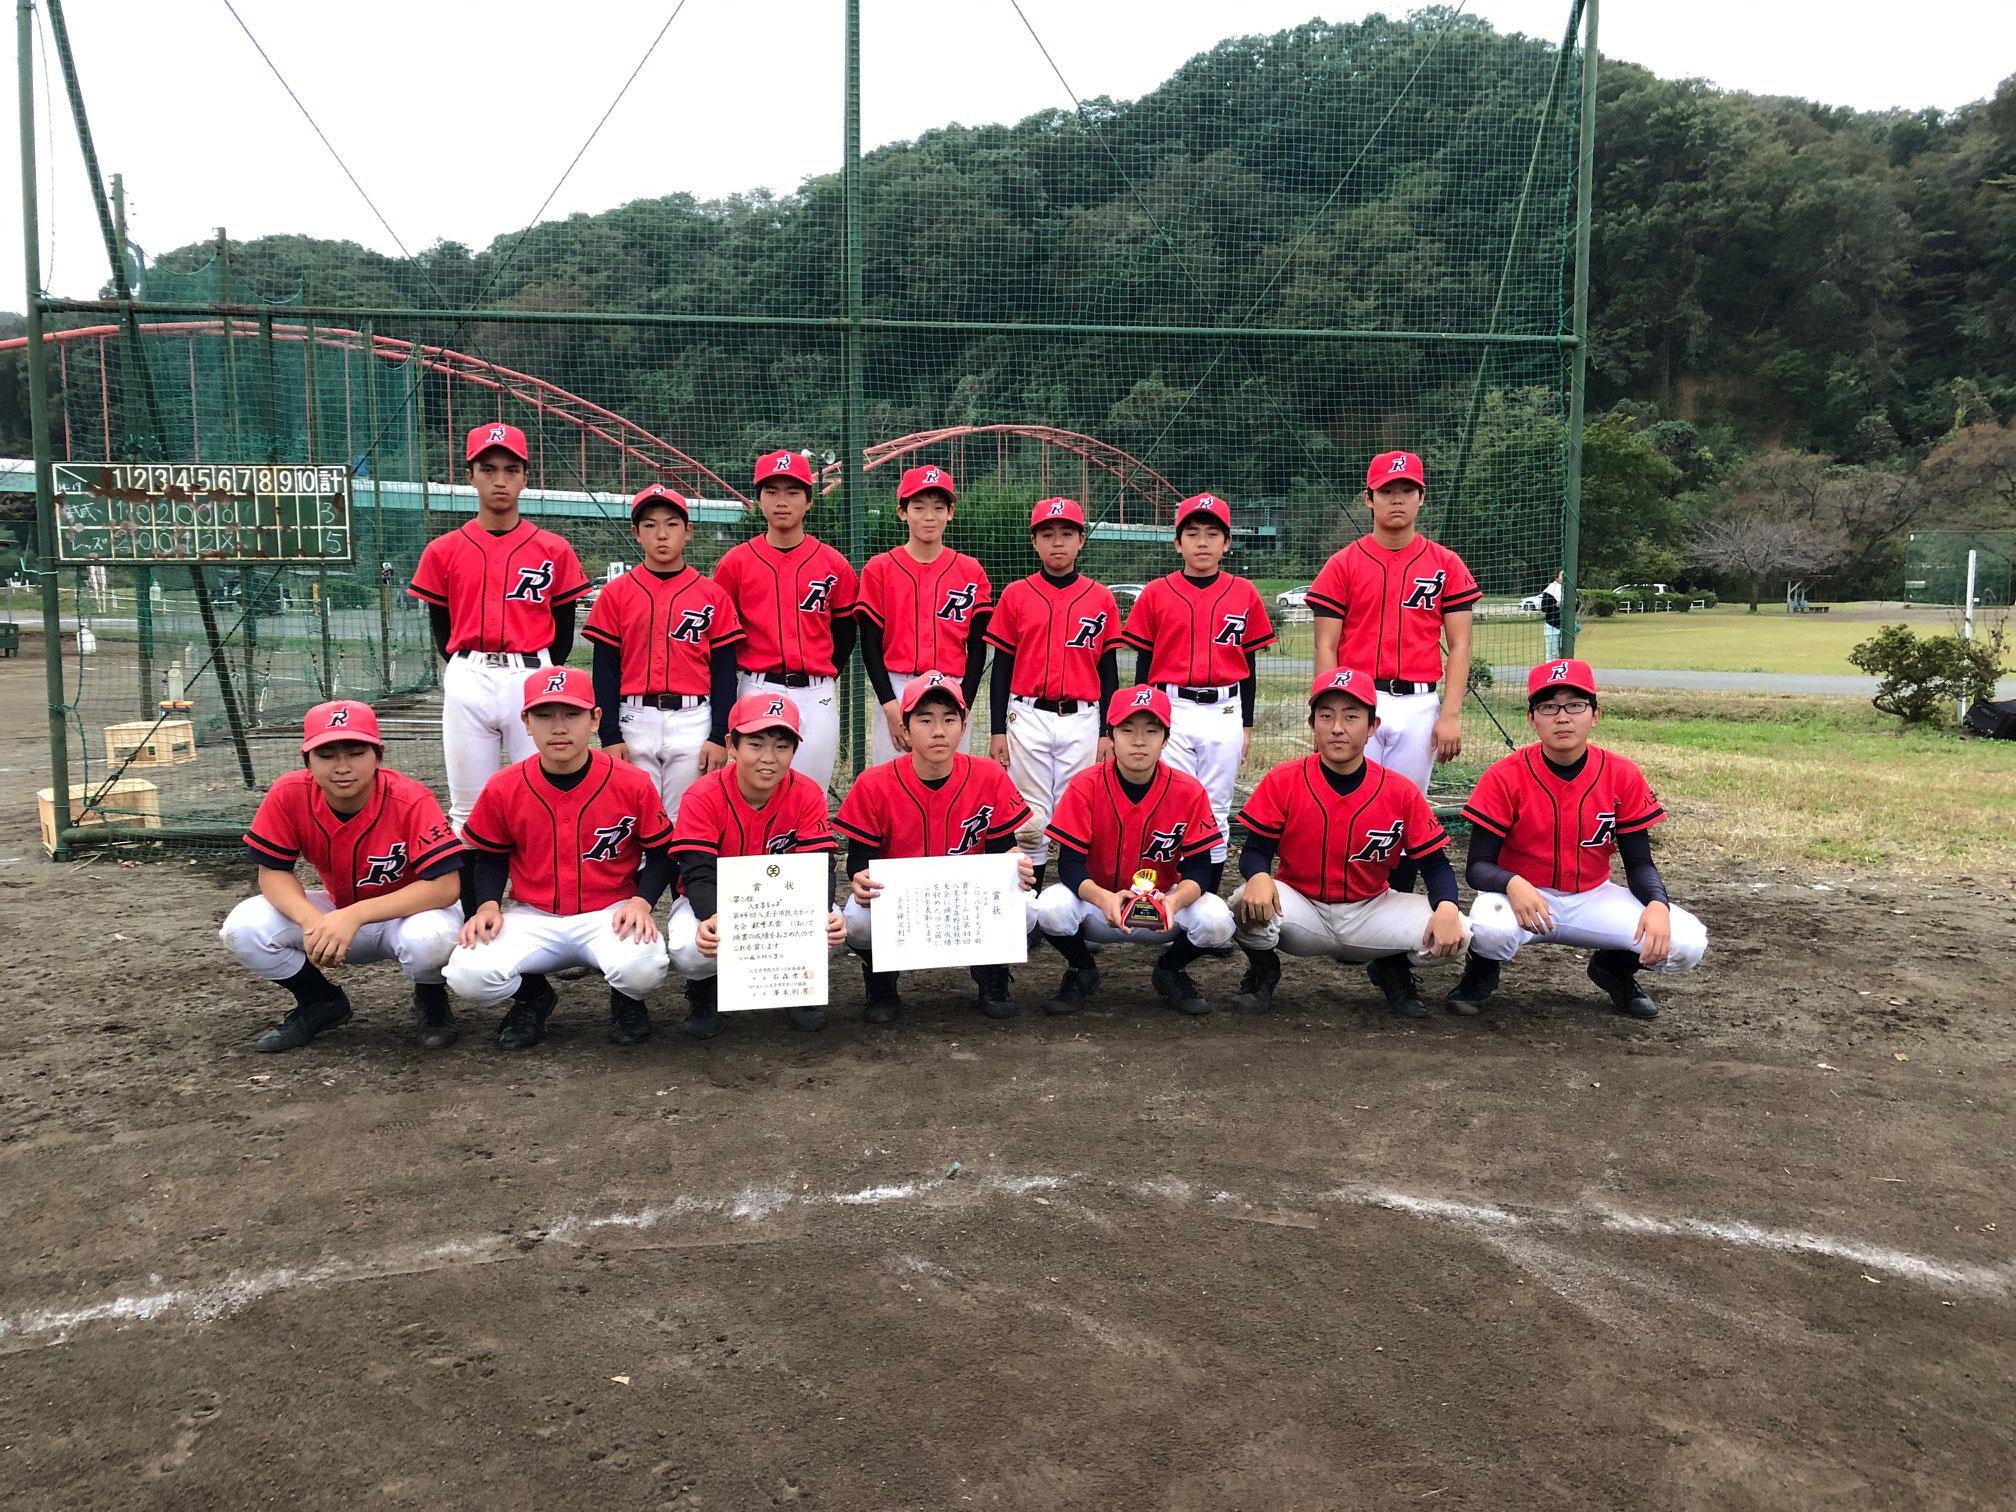 第44回 八王子市少年軟式野球 秋季大会 3位 八王子レッズ 令和元年11月3日